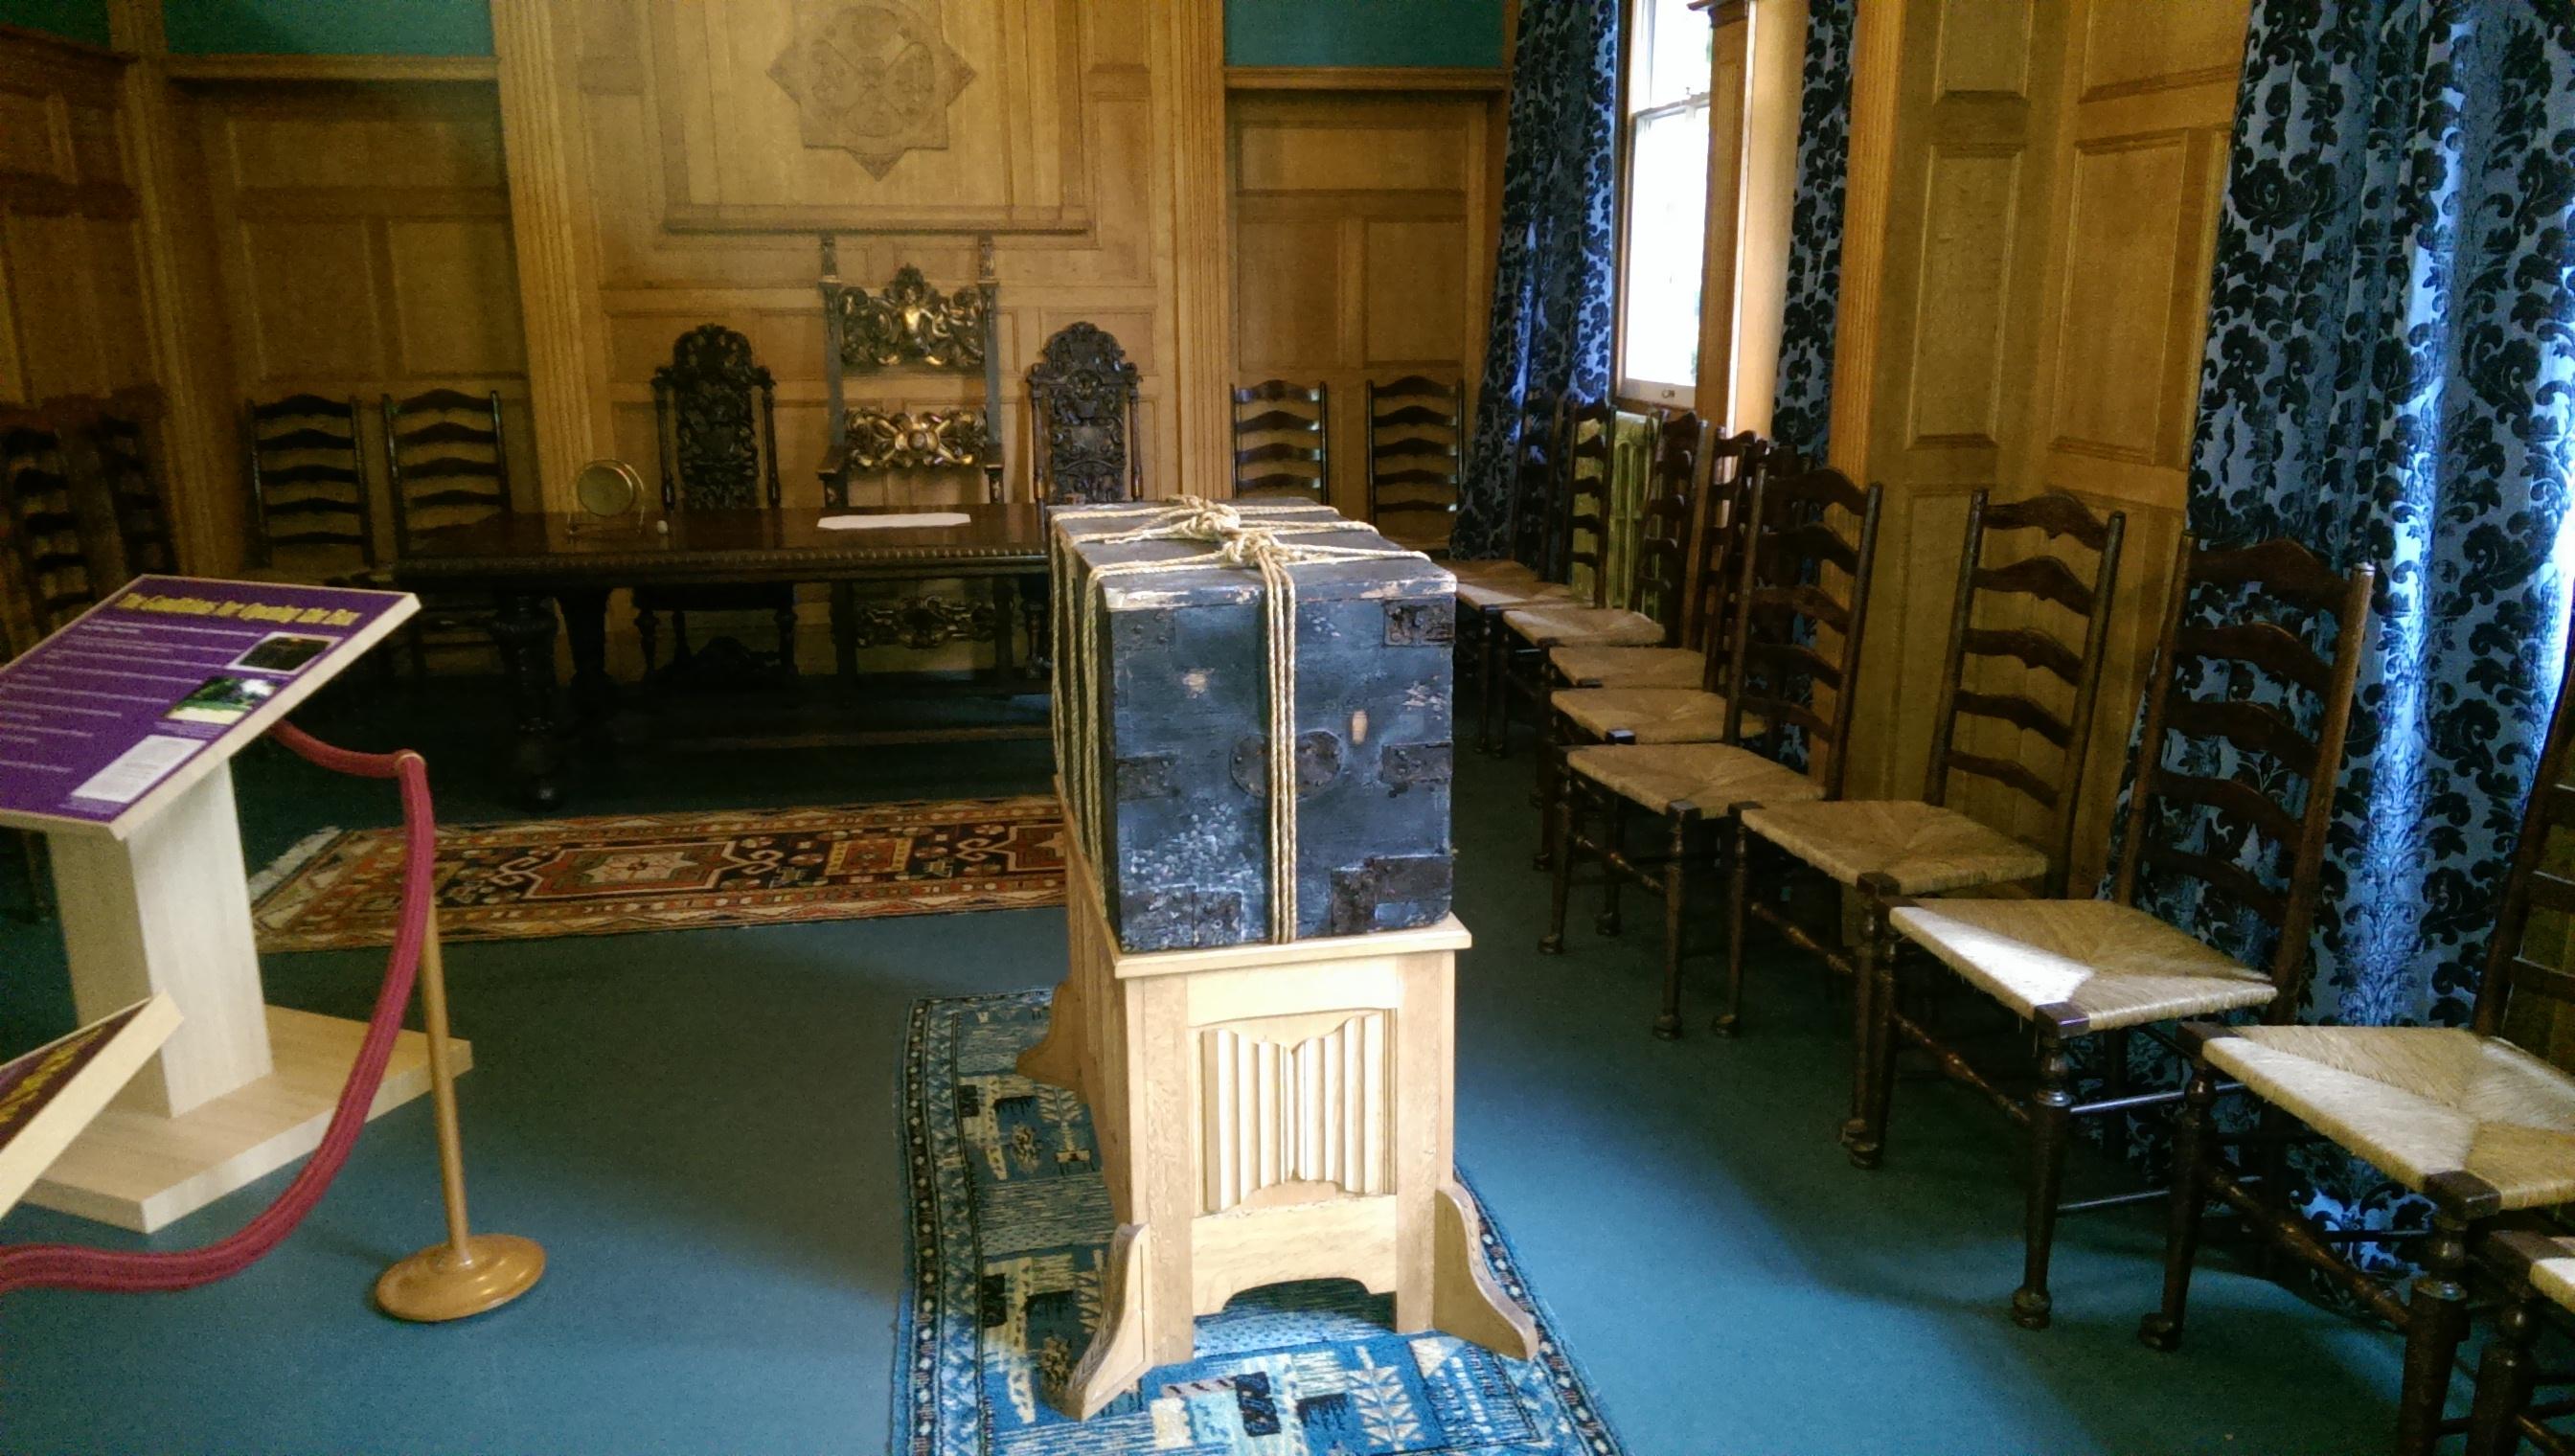 Panacea Society Museum Bedford Joanna Southcott's box